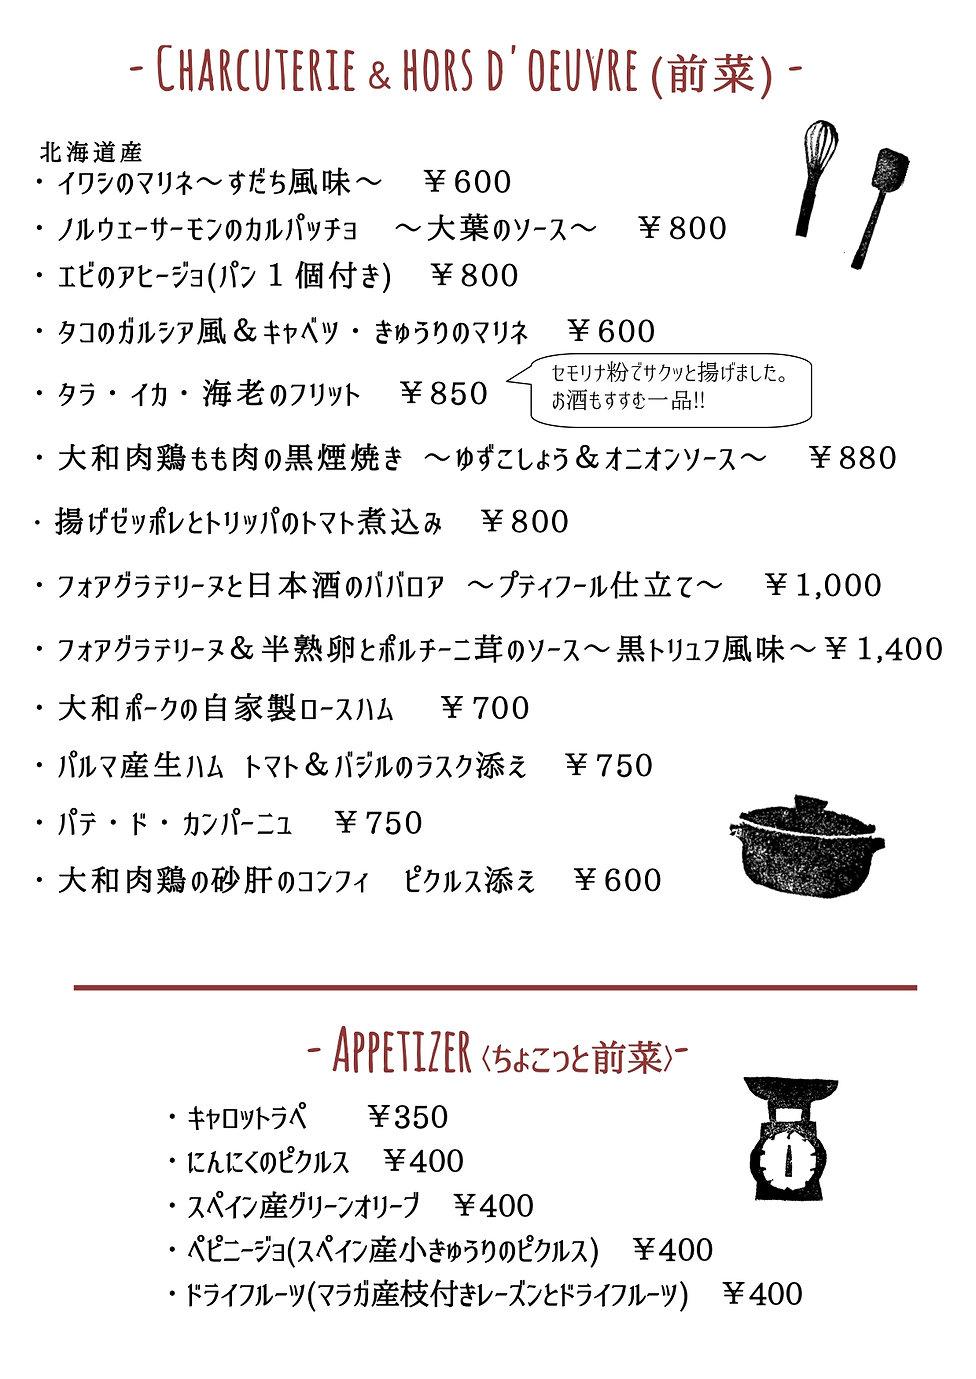 6.12ディナーメニュー2 - ㏋用_page-0001(7).jpg